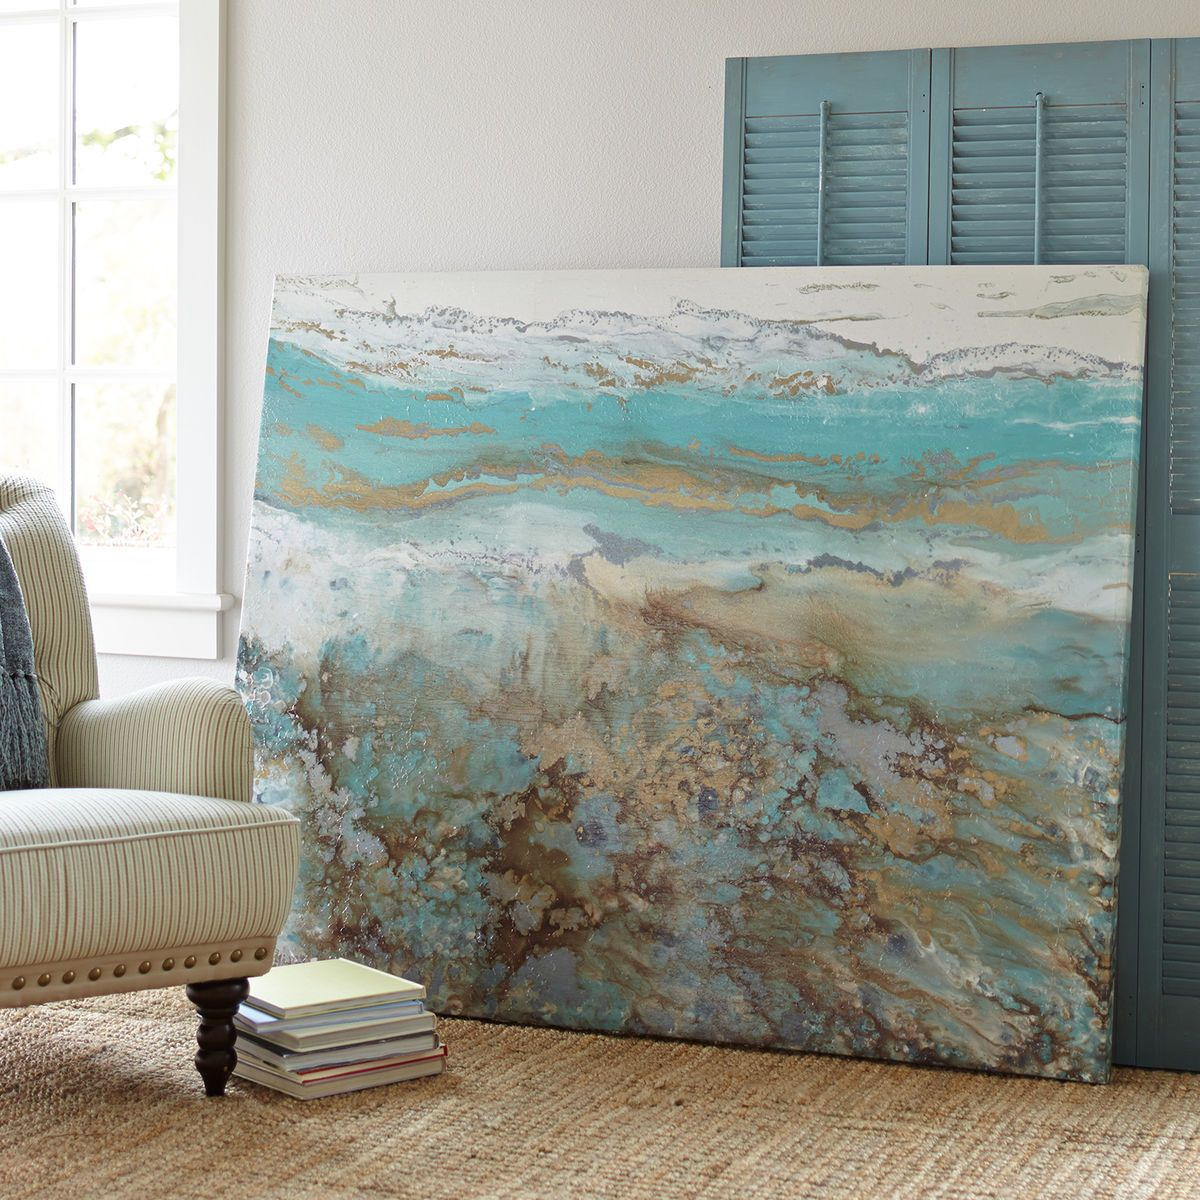 Home Decor Imports: Coastal Air Abstract Wall Art